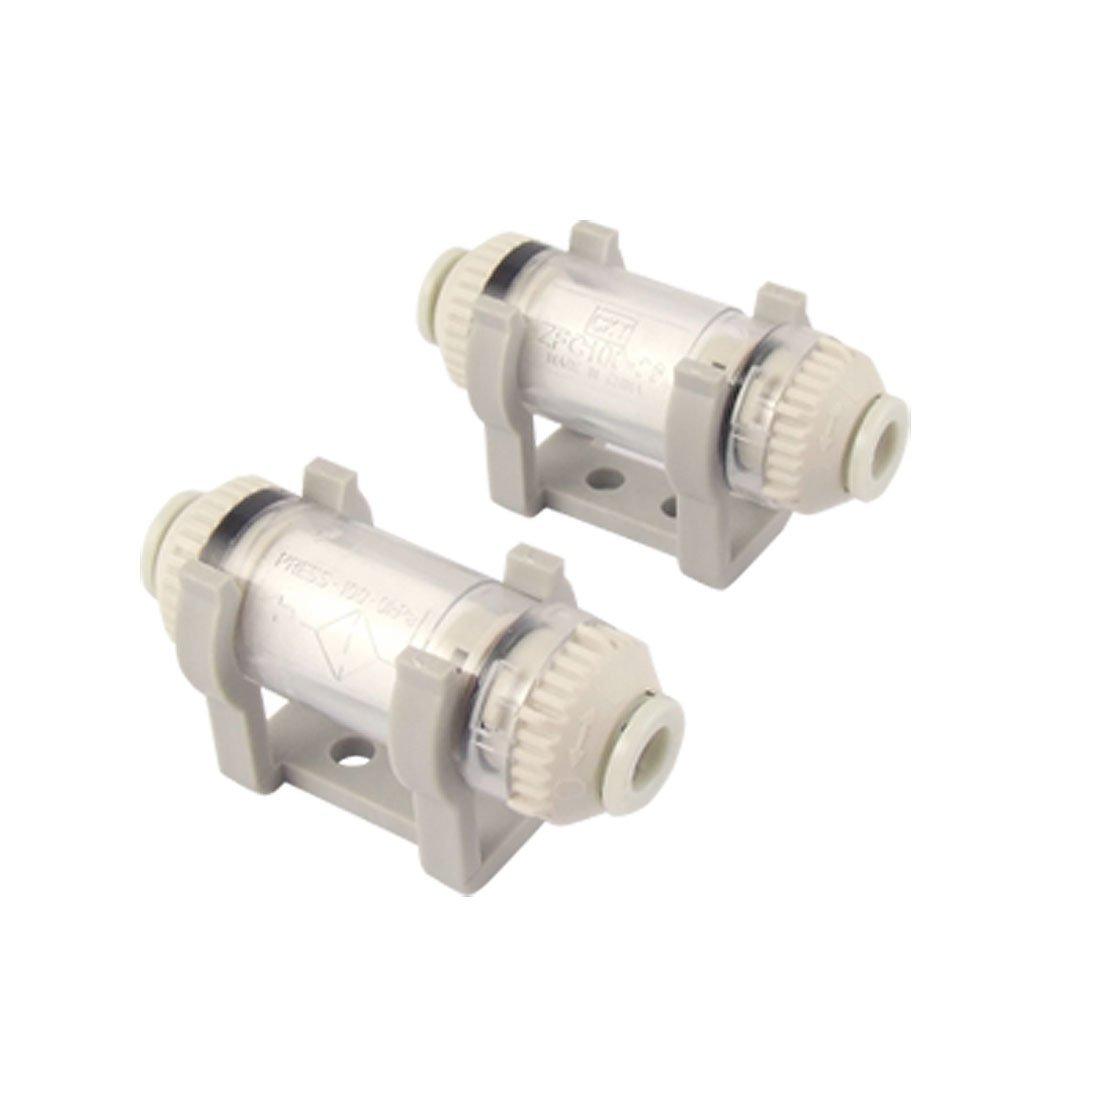 6 mm Diá metro en tipo de hilo de Air con ventosa de filtro para aspiradora zfc100-06-b 2 piezas Sourcingmap a11062900ux0133